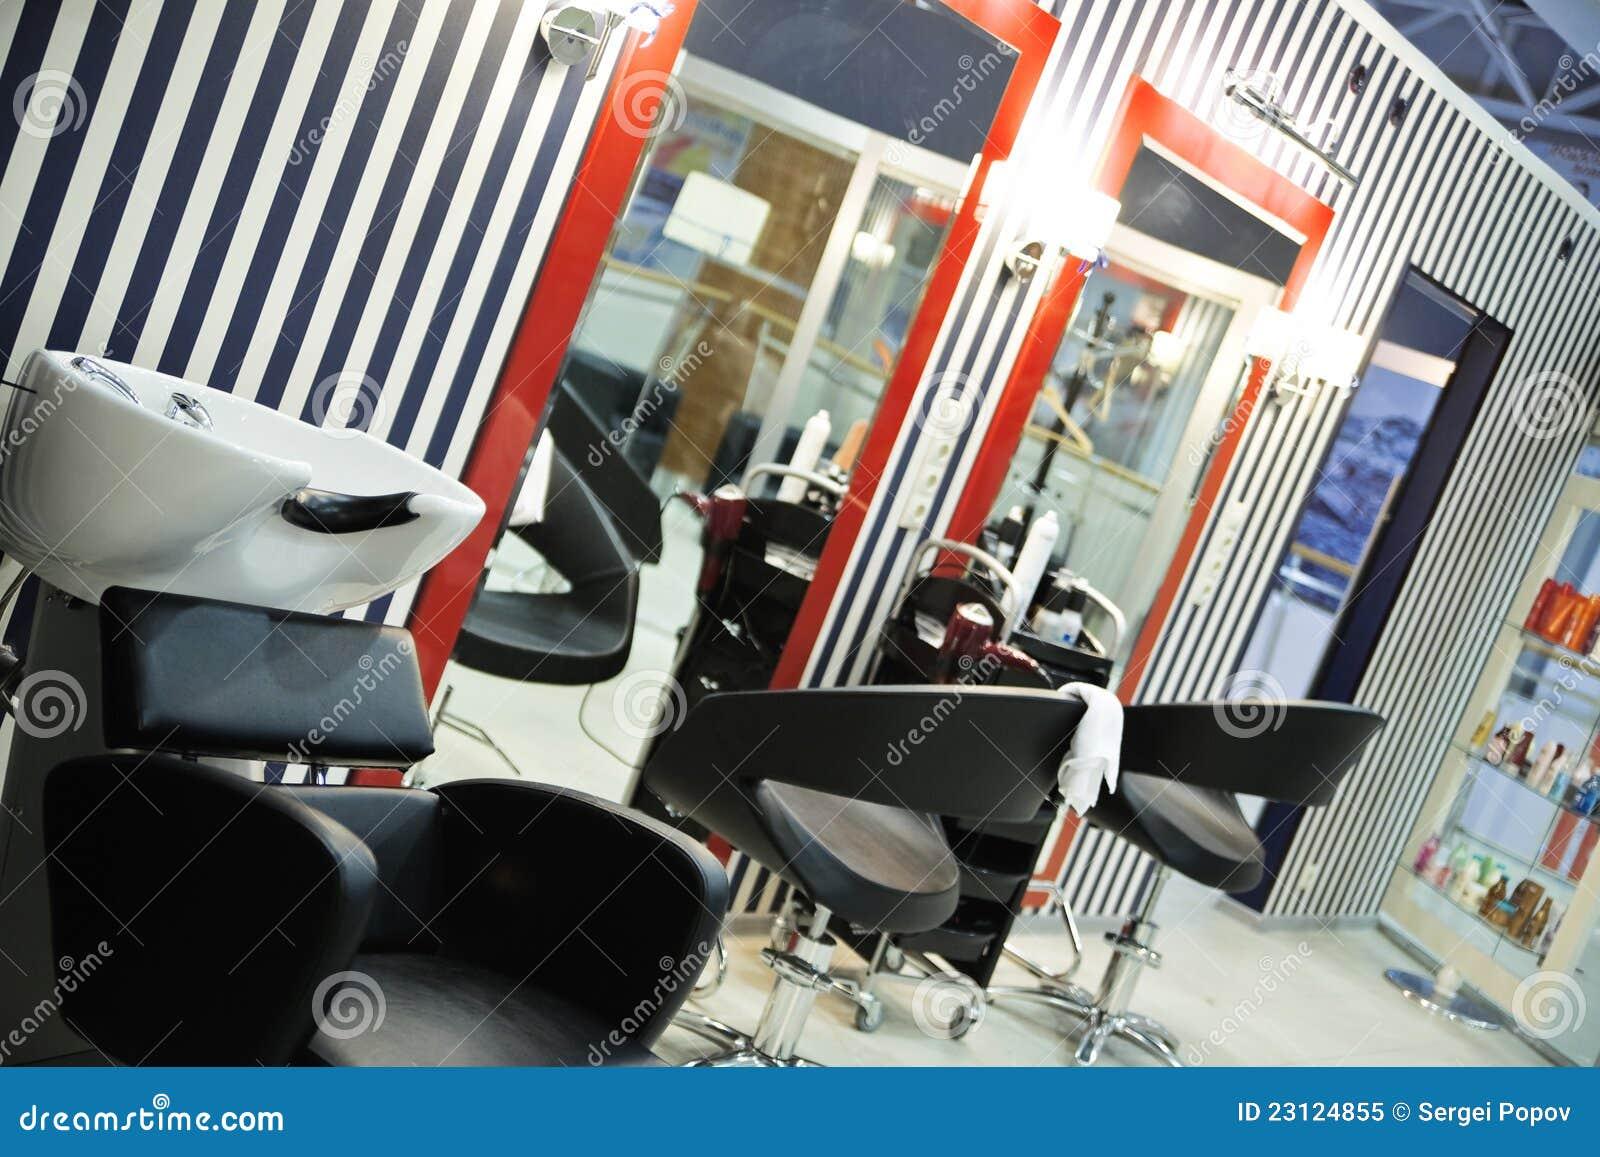 Salon moderne de coiffure photo libre de droits image 23124855 for Salon moderne coiffeur